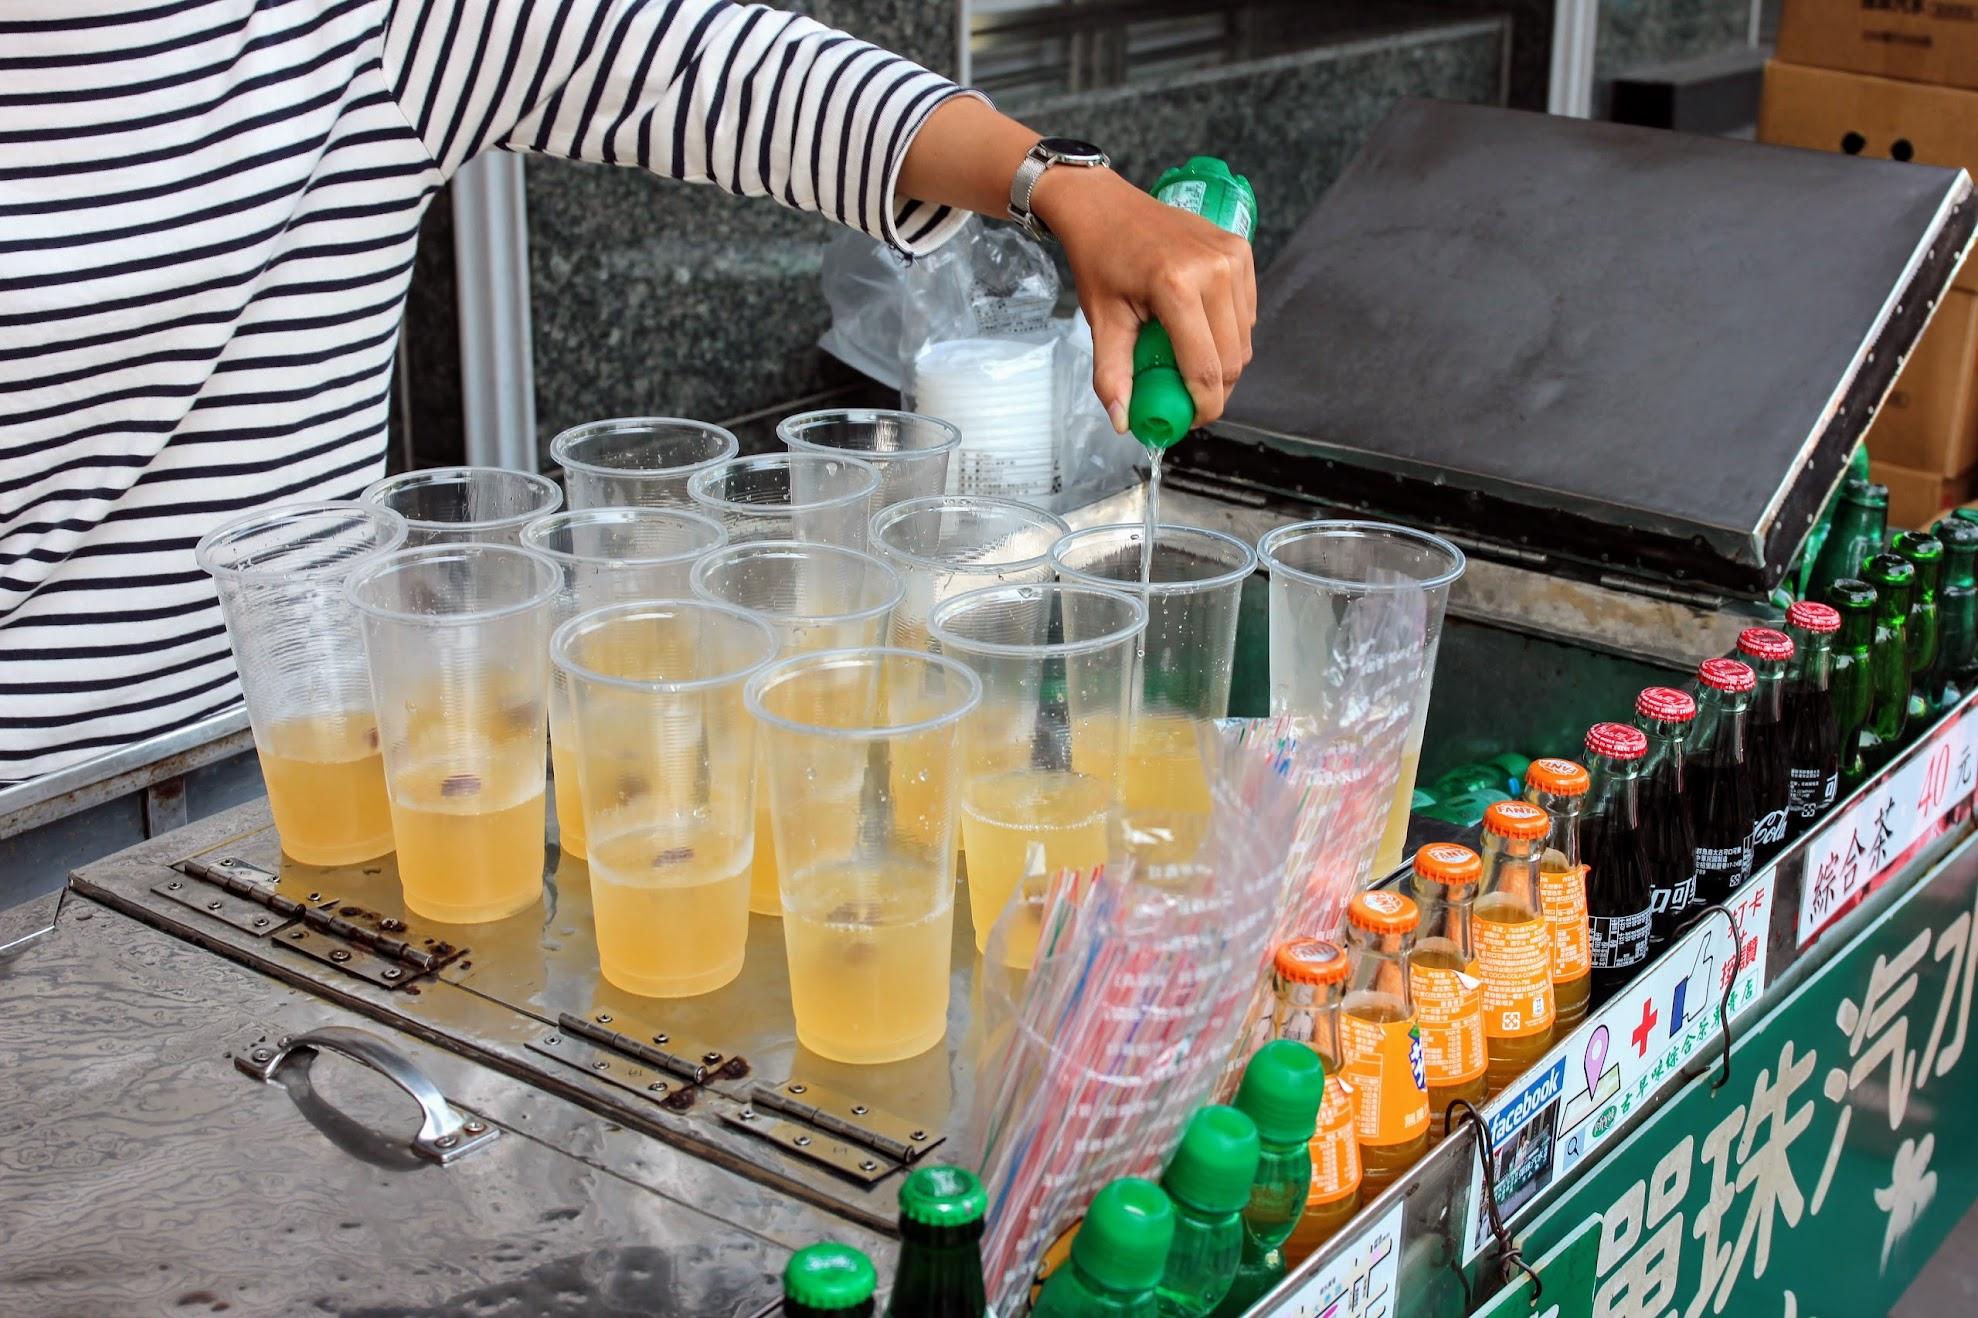 金傑檸檬做基底,接著放入冬瓜茶,梅子等,最後再加上彈珠汽水!!